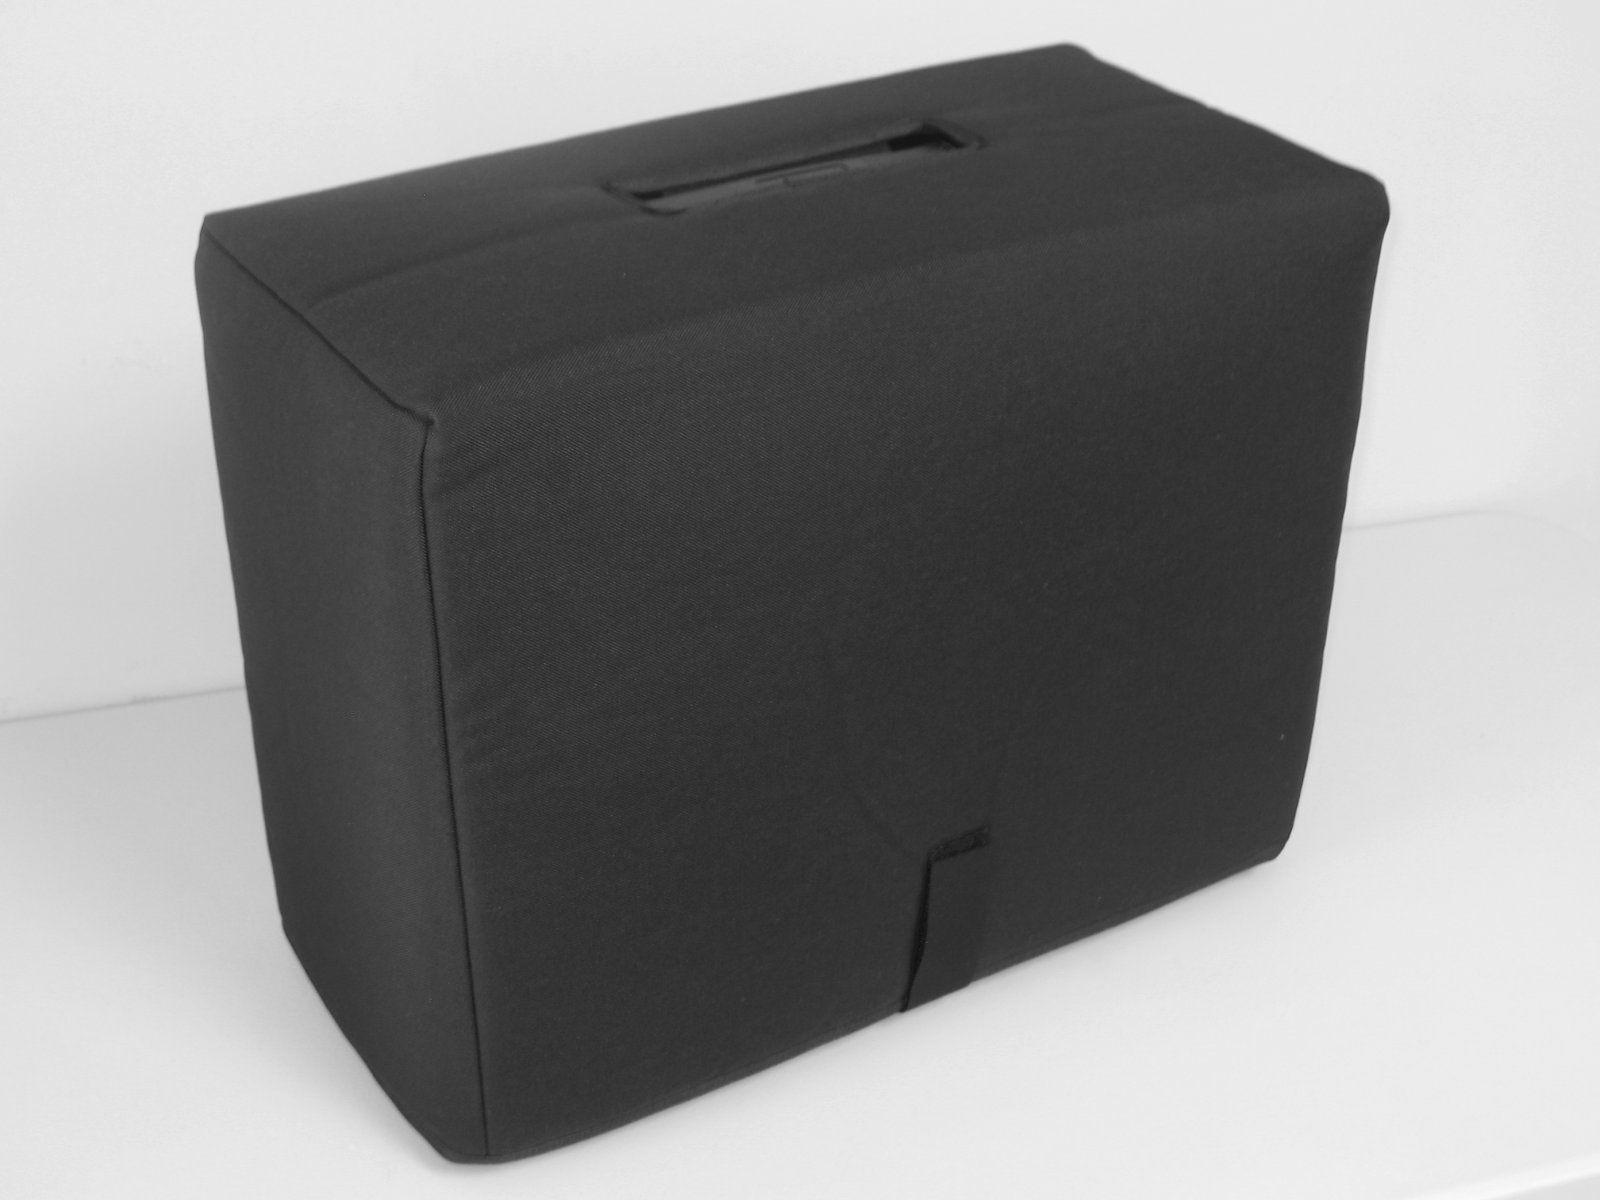 Funda Acolchada Tuki Amp Supro Supro Supro 1600 Supremo Amplificador Combo reedición 1x10 (034p) Supr  popular